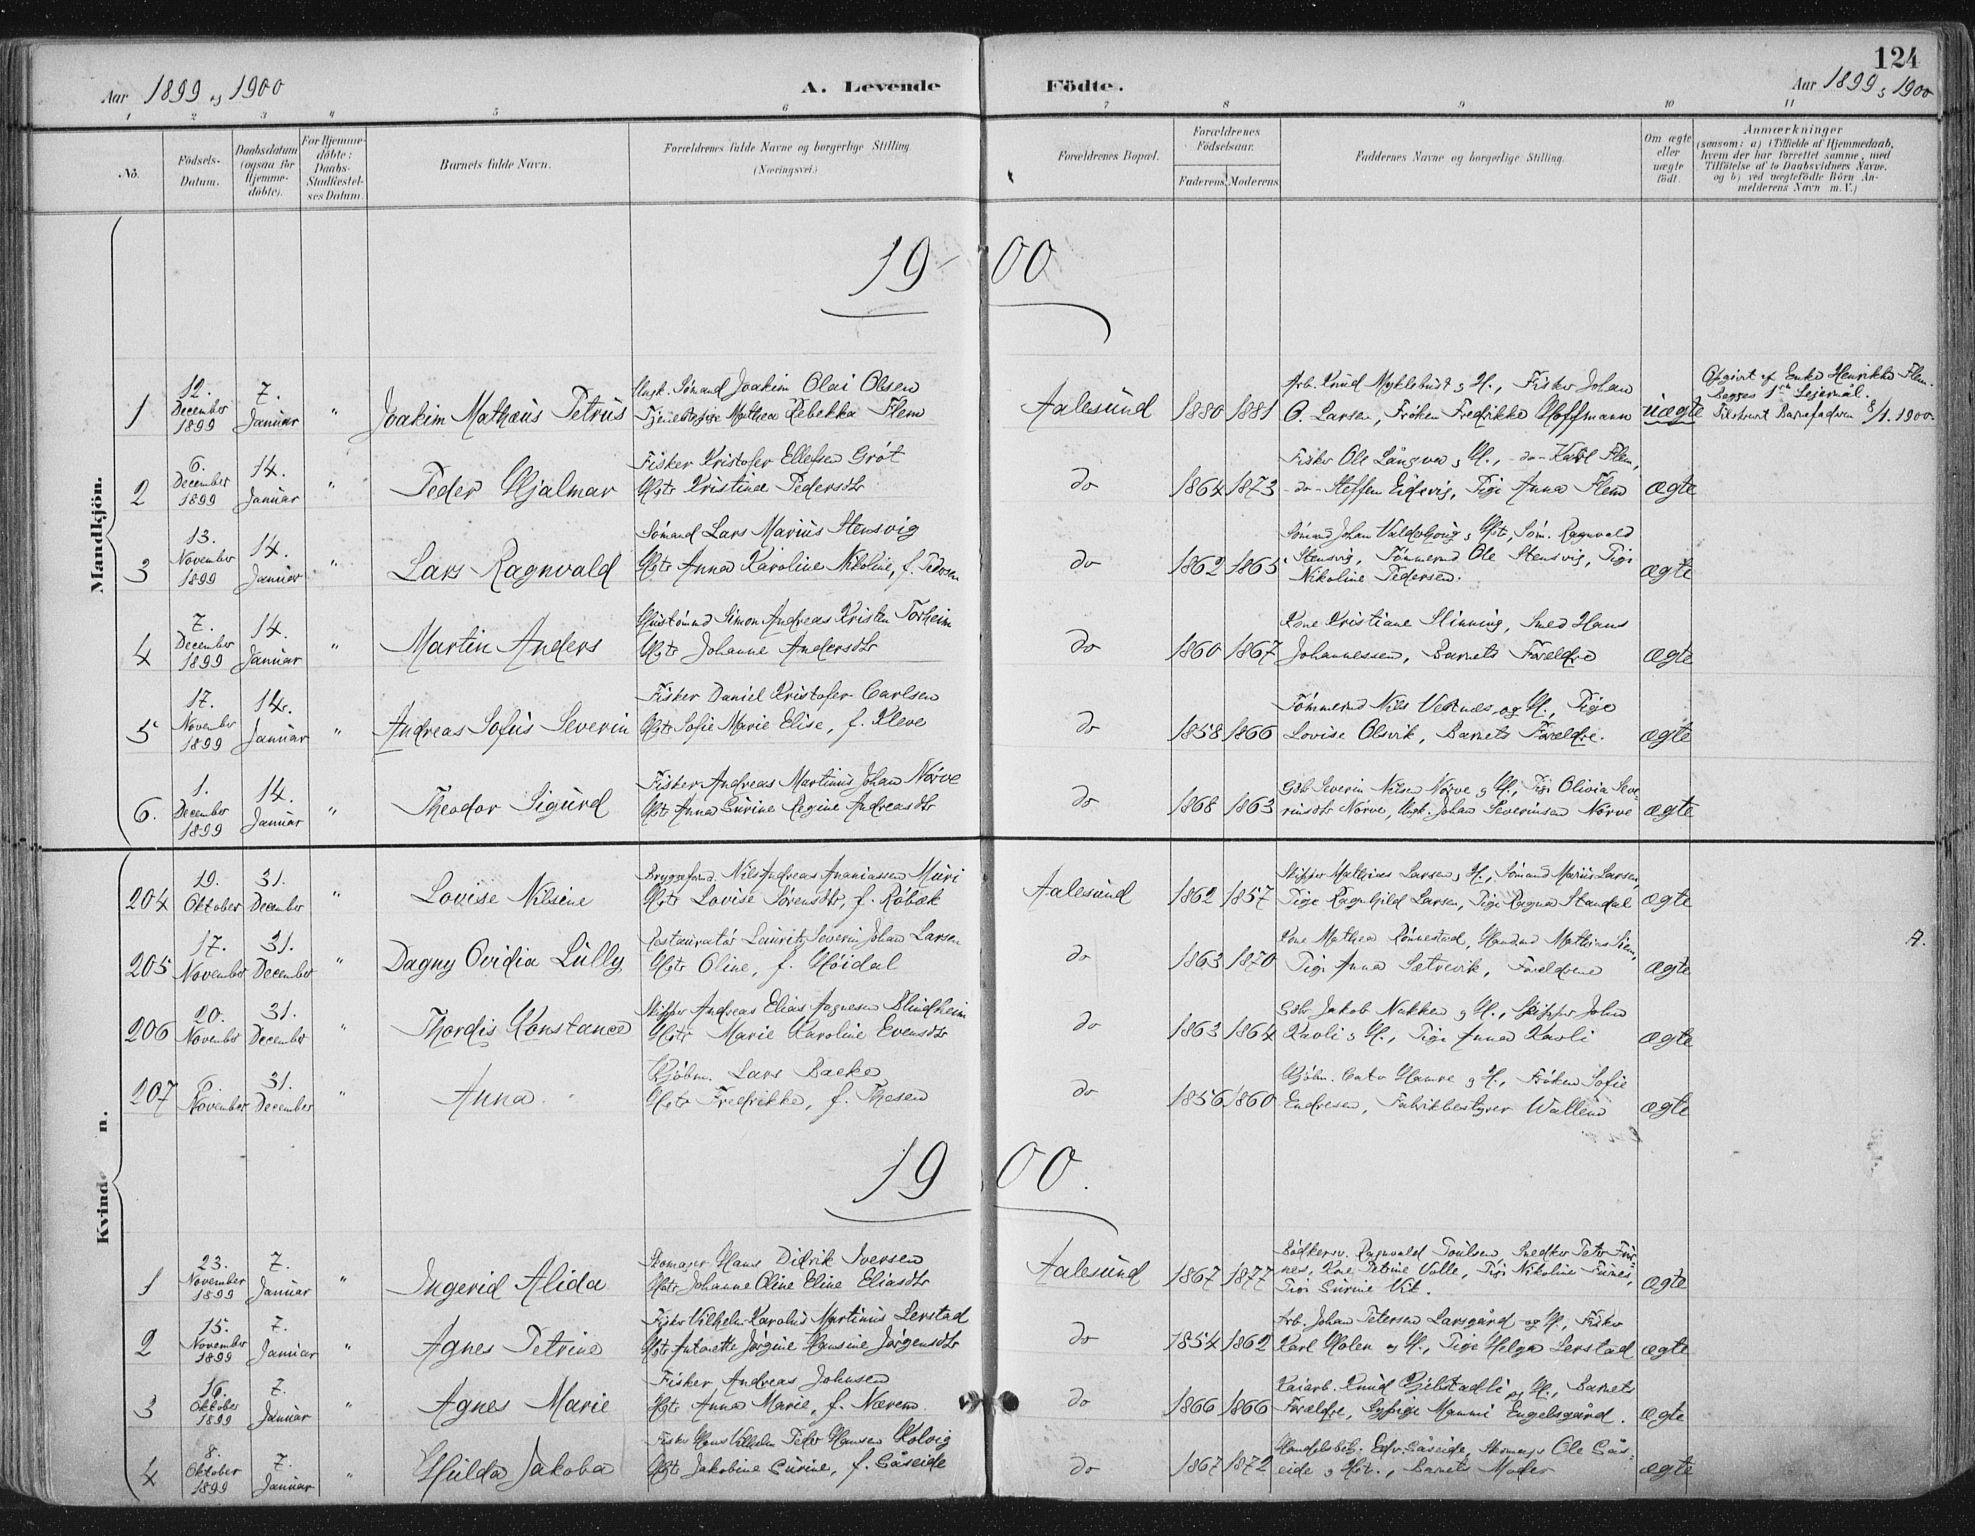 SAT, Ministerialprotokoller, klokkerbøker og fødselsregistre - Møre og Romsdal, 529/L0456: Ministerialbok nr. 529A06, 1894-1906, s. 124